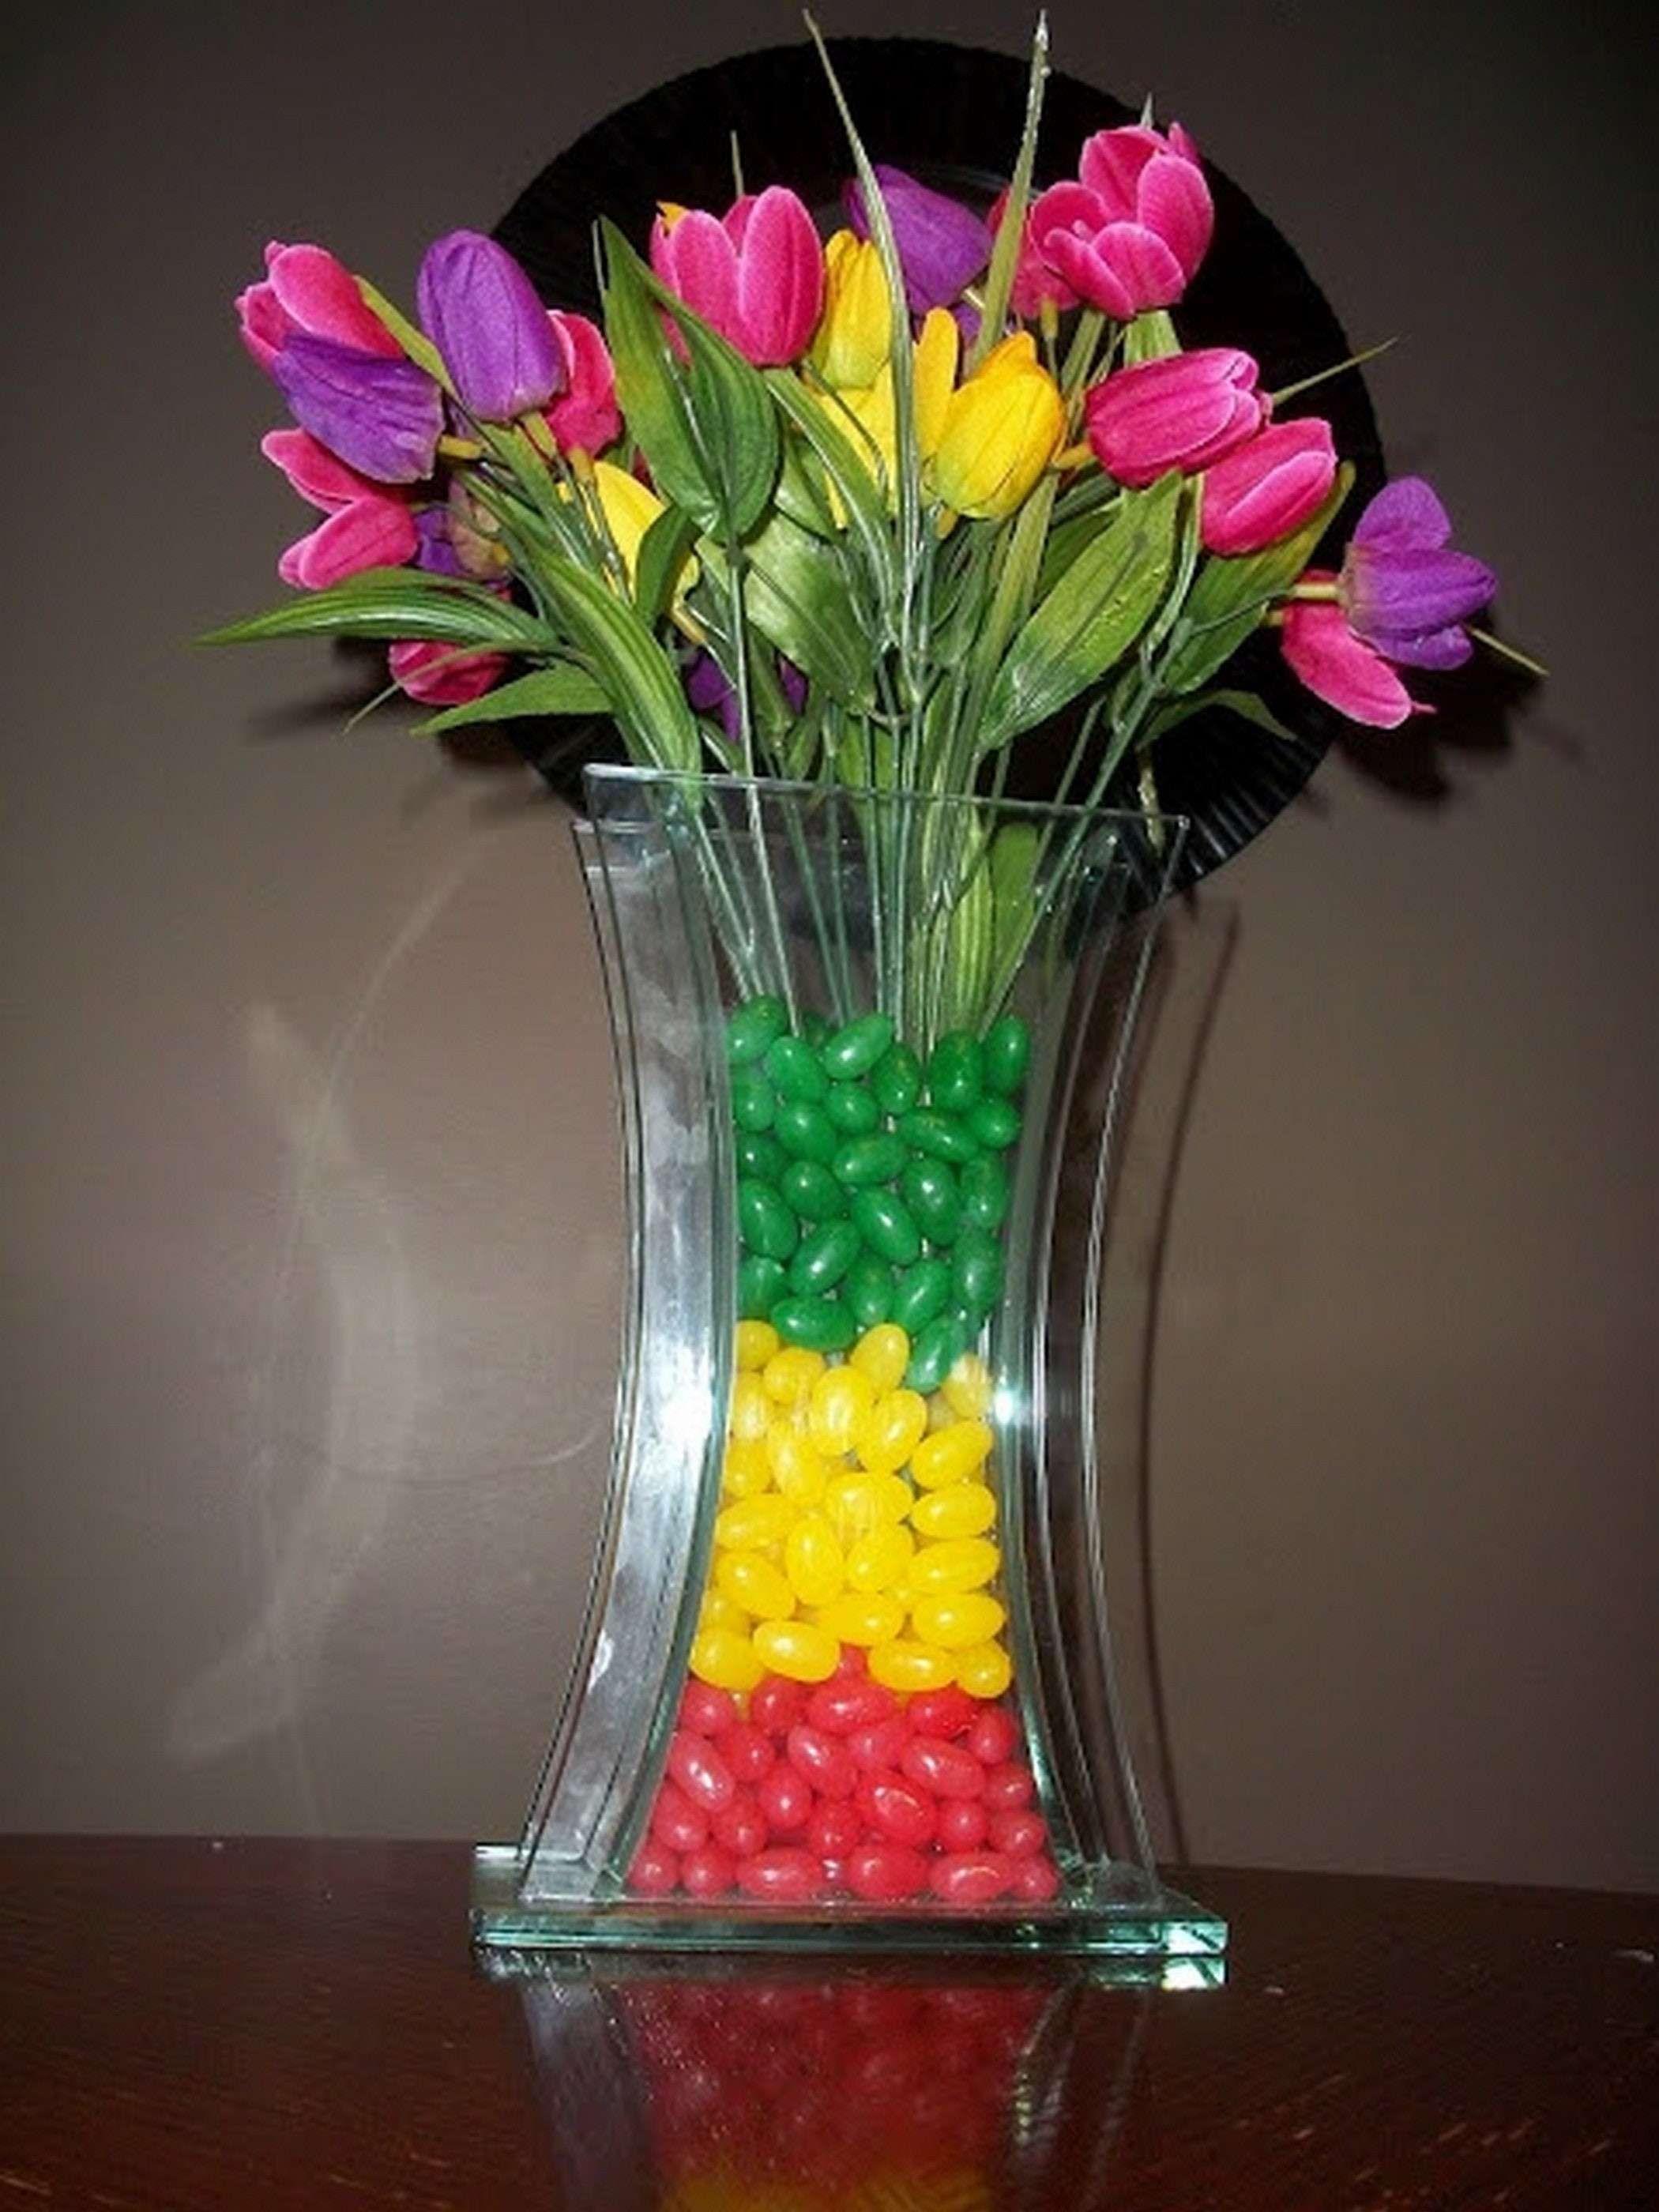 hobnail vase wholesale of green glass vase elegant 15 cheap and easy diy vase filler ideas 3h within green glass vase elegant 15 cheap and easy diy vase filler ideas 3h vases flower i